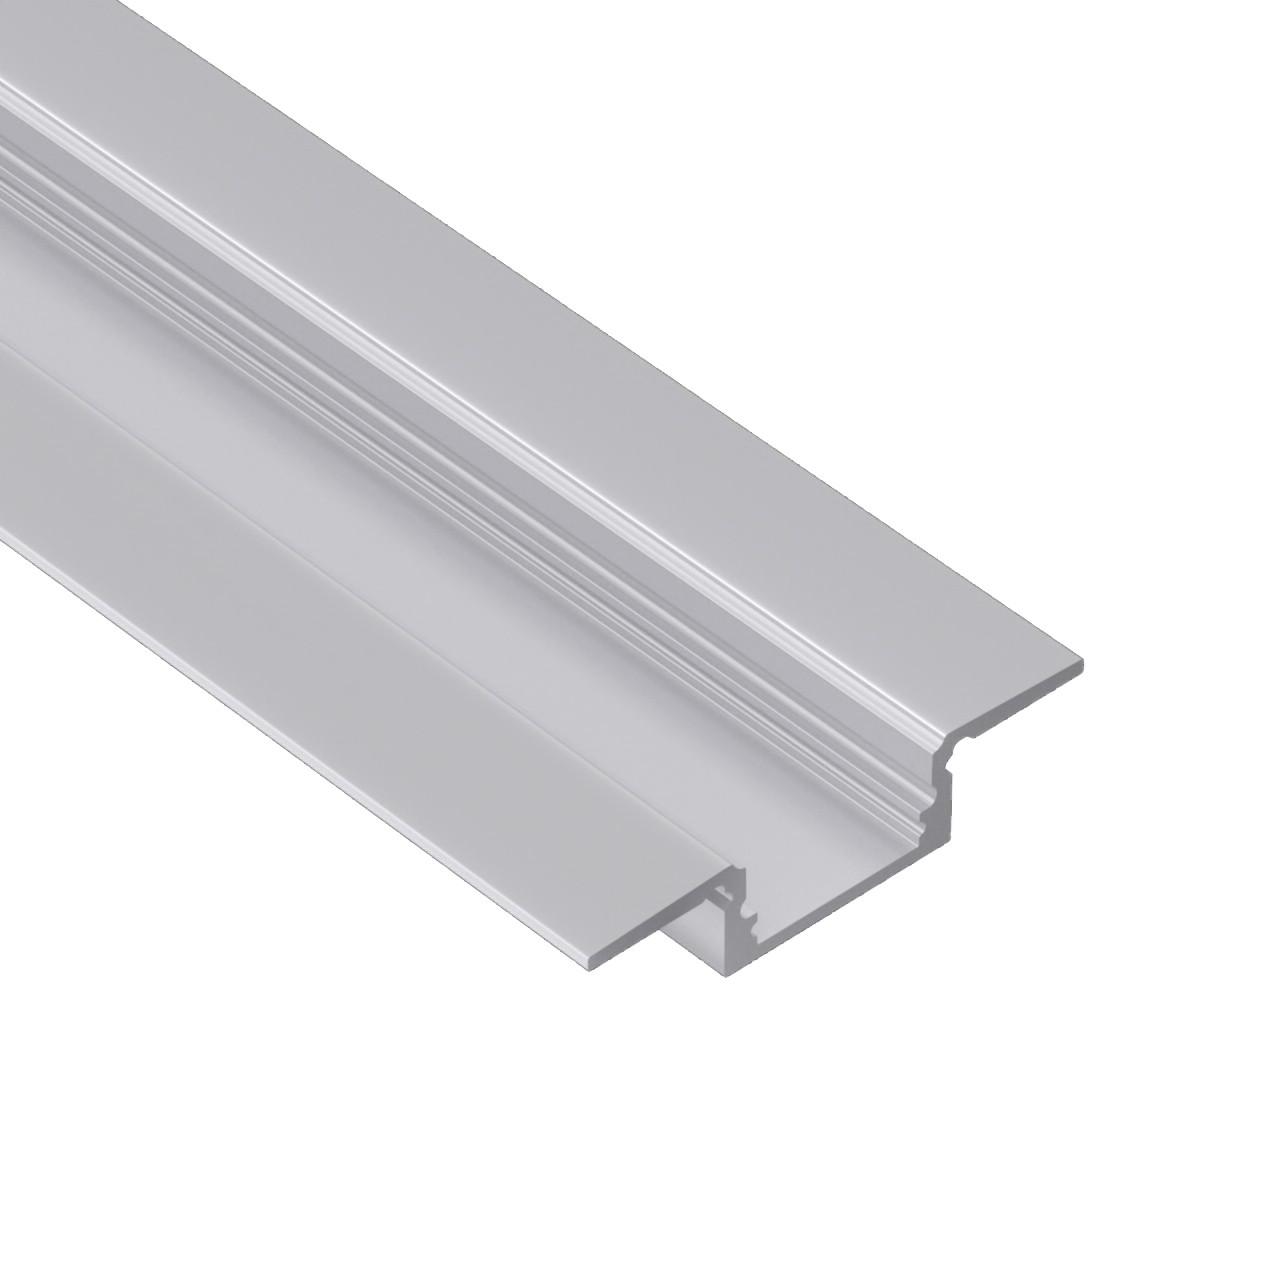 ART1 Einbauleuchten Led Aluminium-Profil